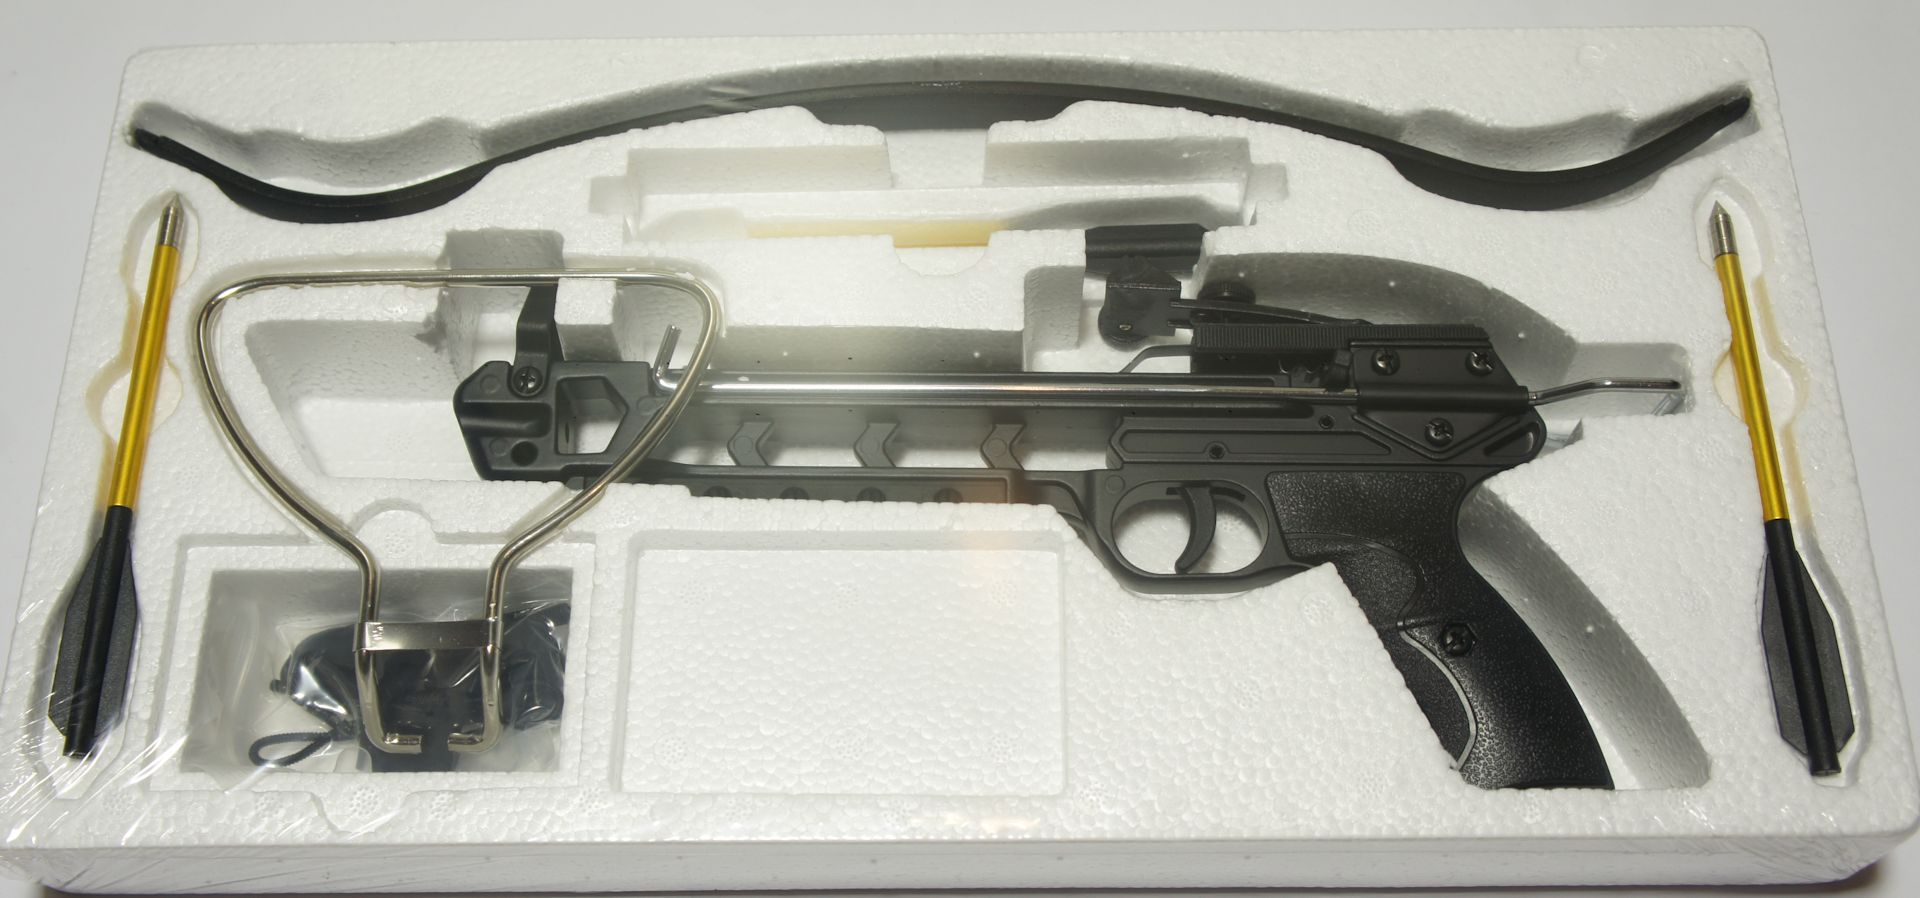 Das Set der Pistolenarmbrust beinhaltet auch 3 Pfeile